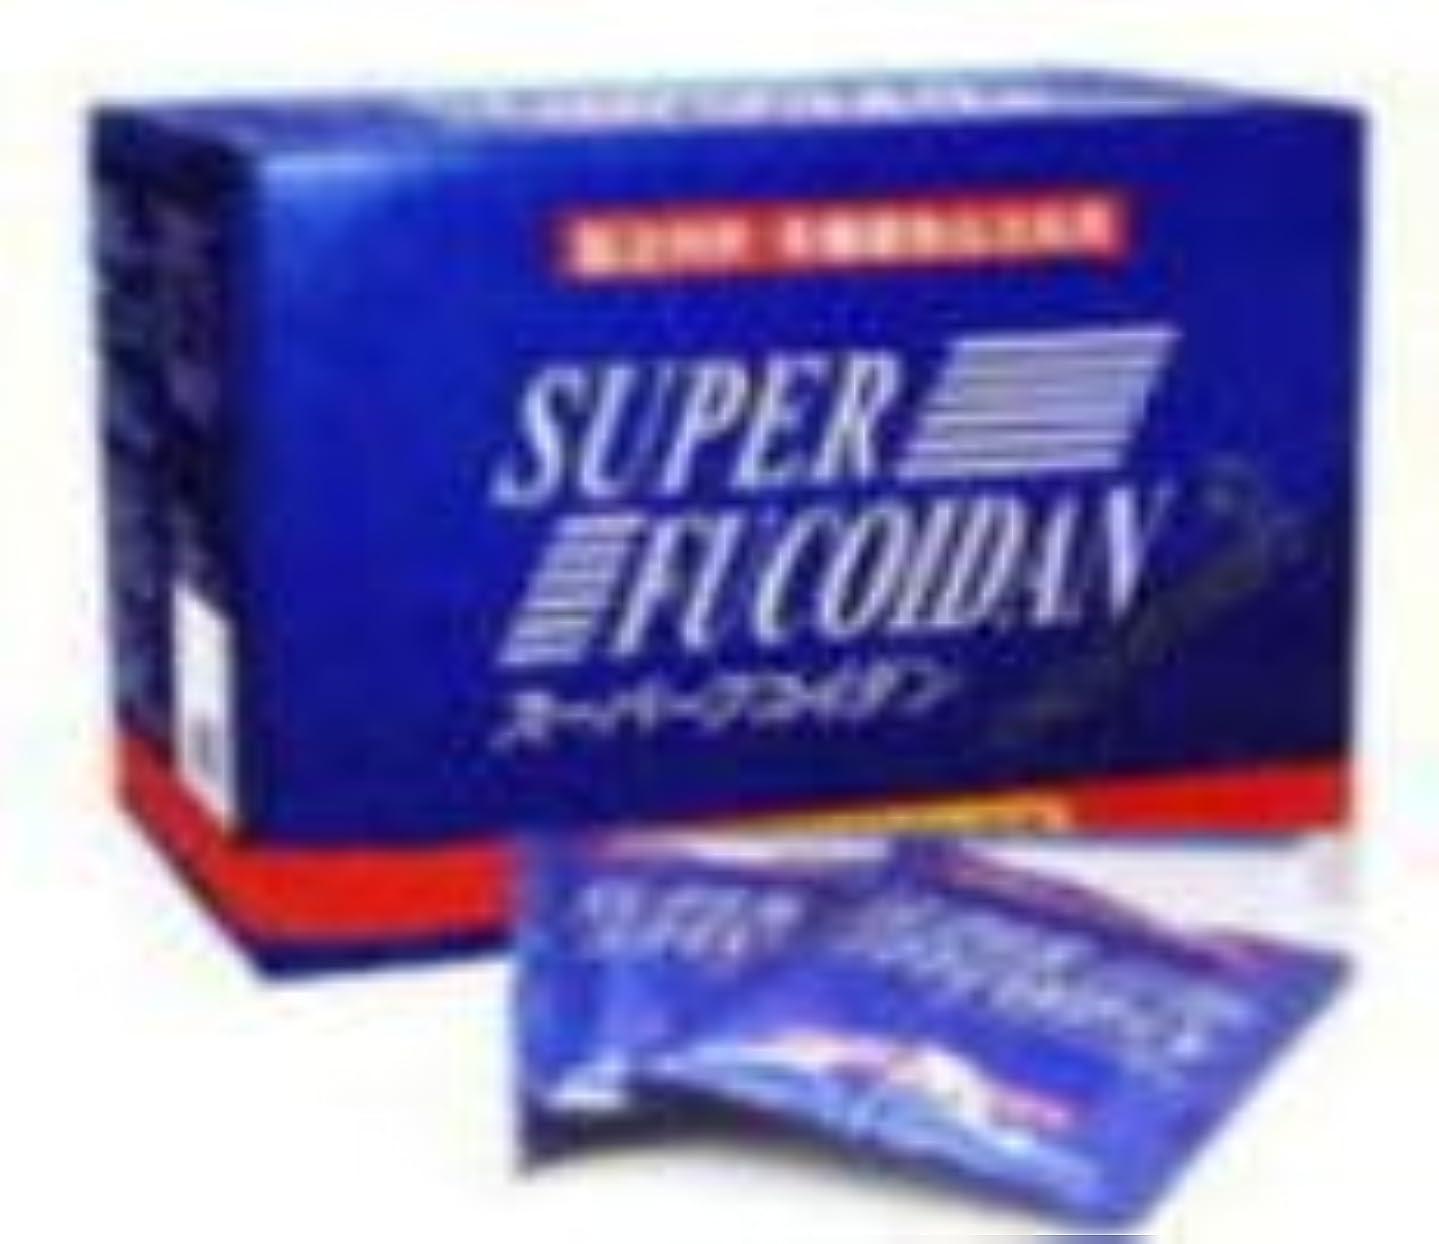 忠実な好きであるなめらかなスーパーフコイダン(30袋/3箱セット)